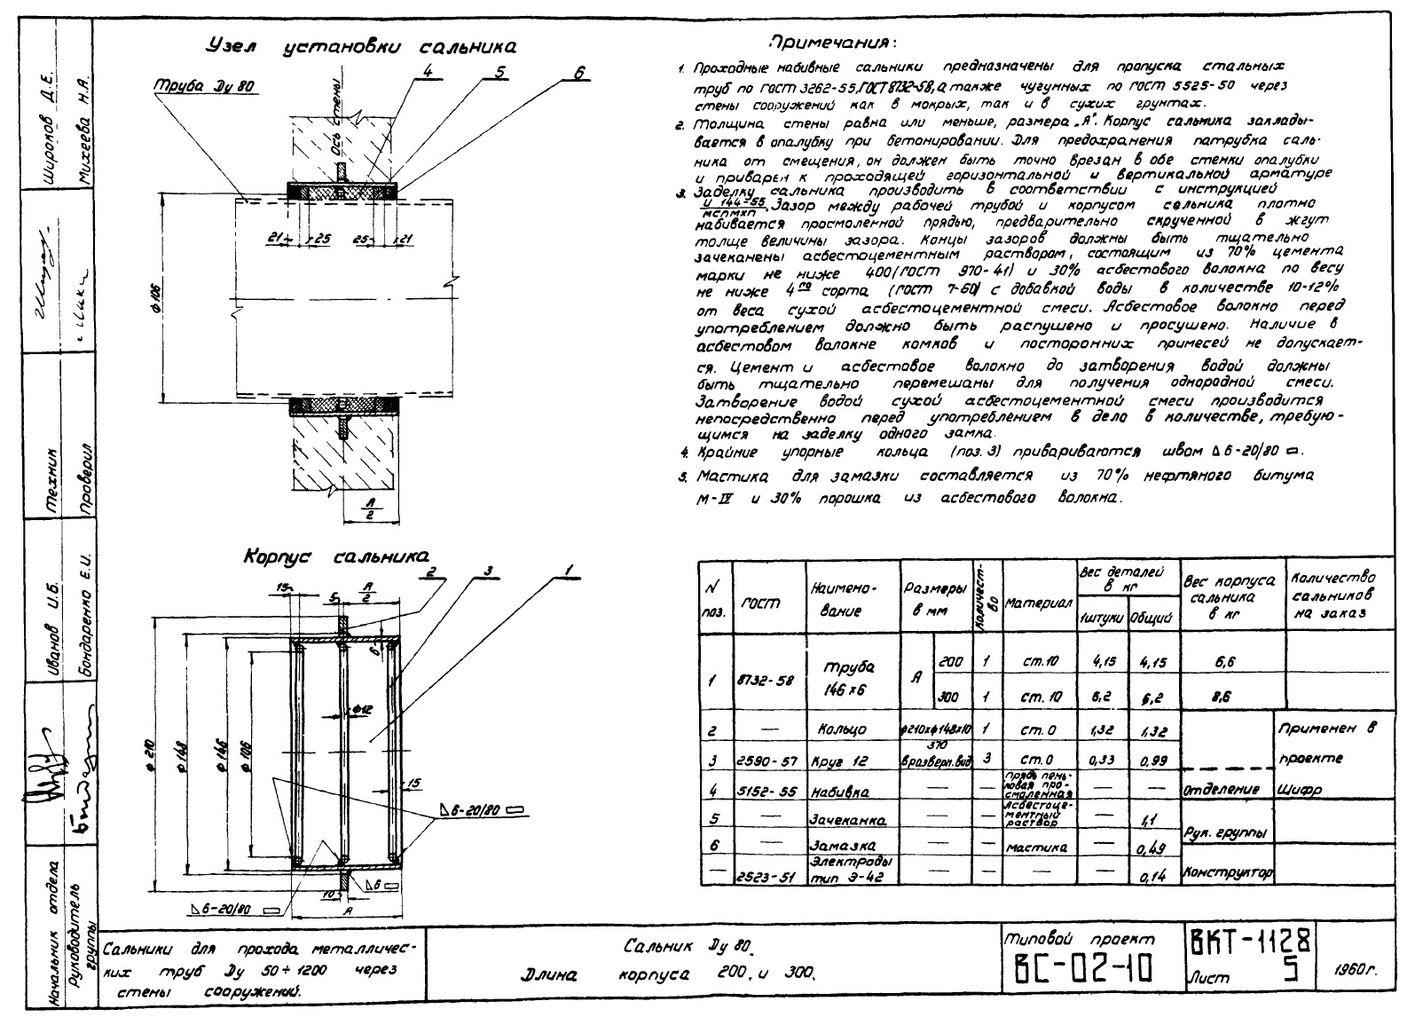 Сальники набивные L = 200 мм типовой проект ВС-02-10 стр.2